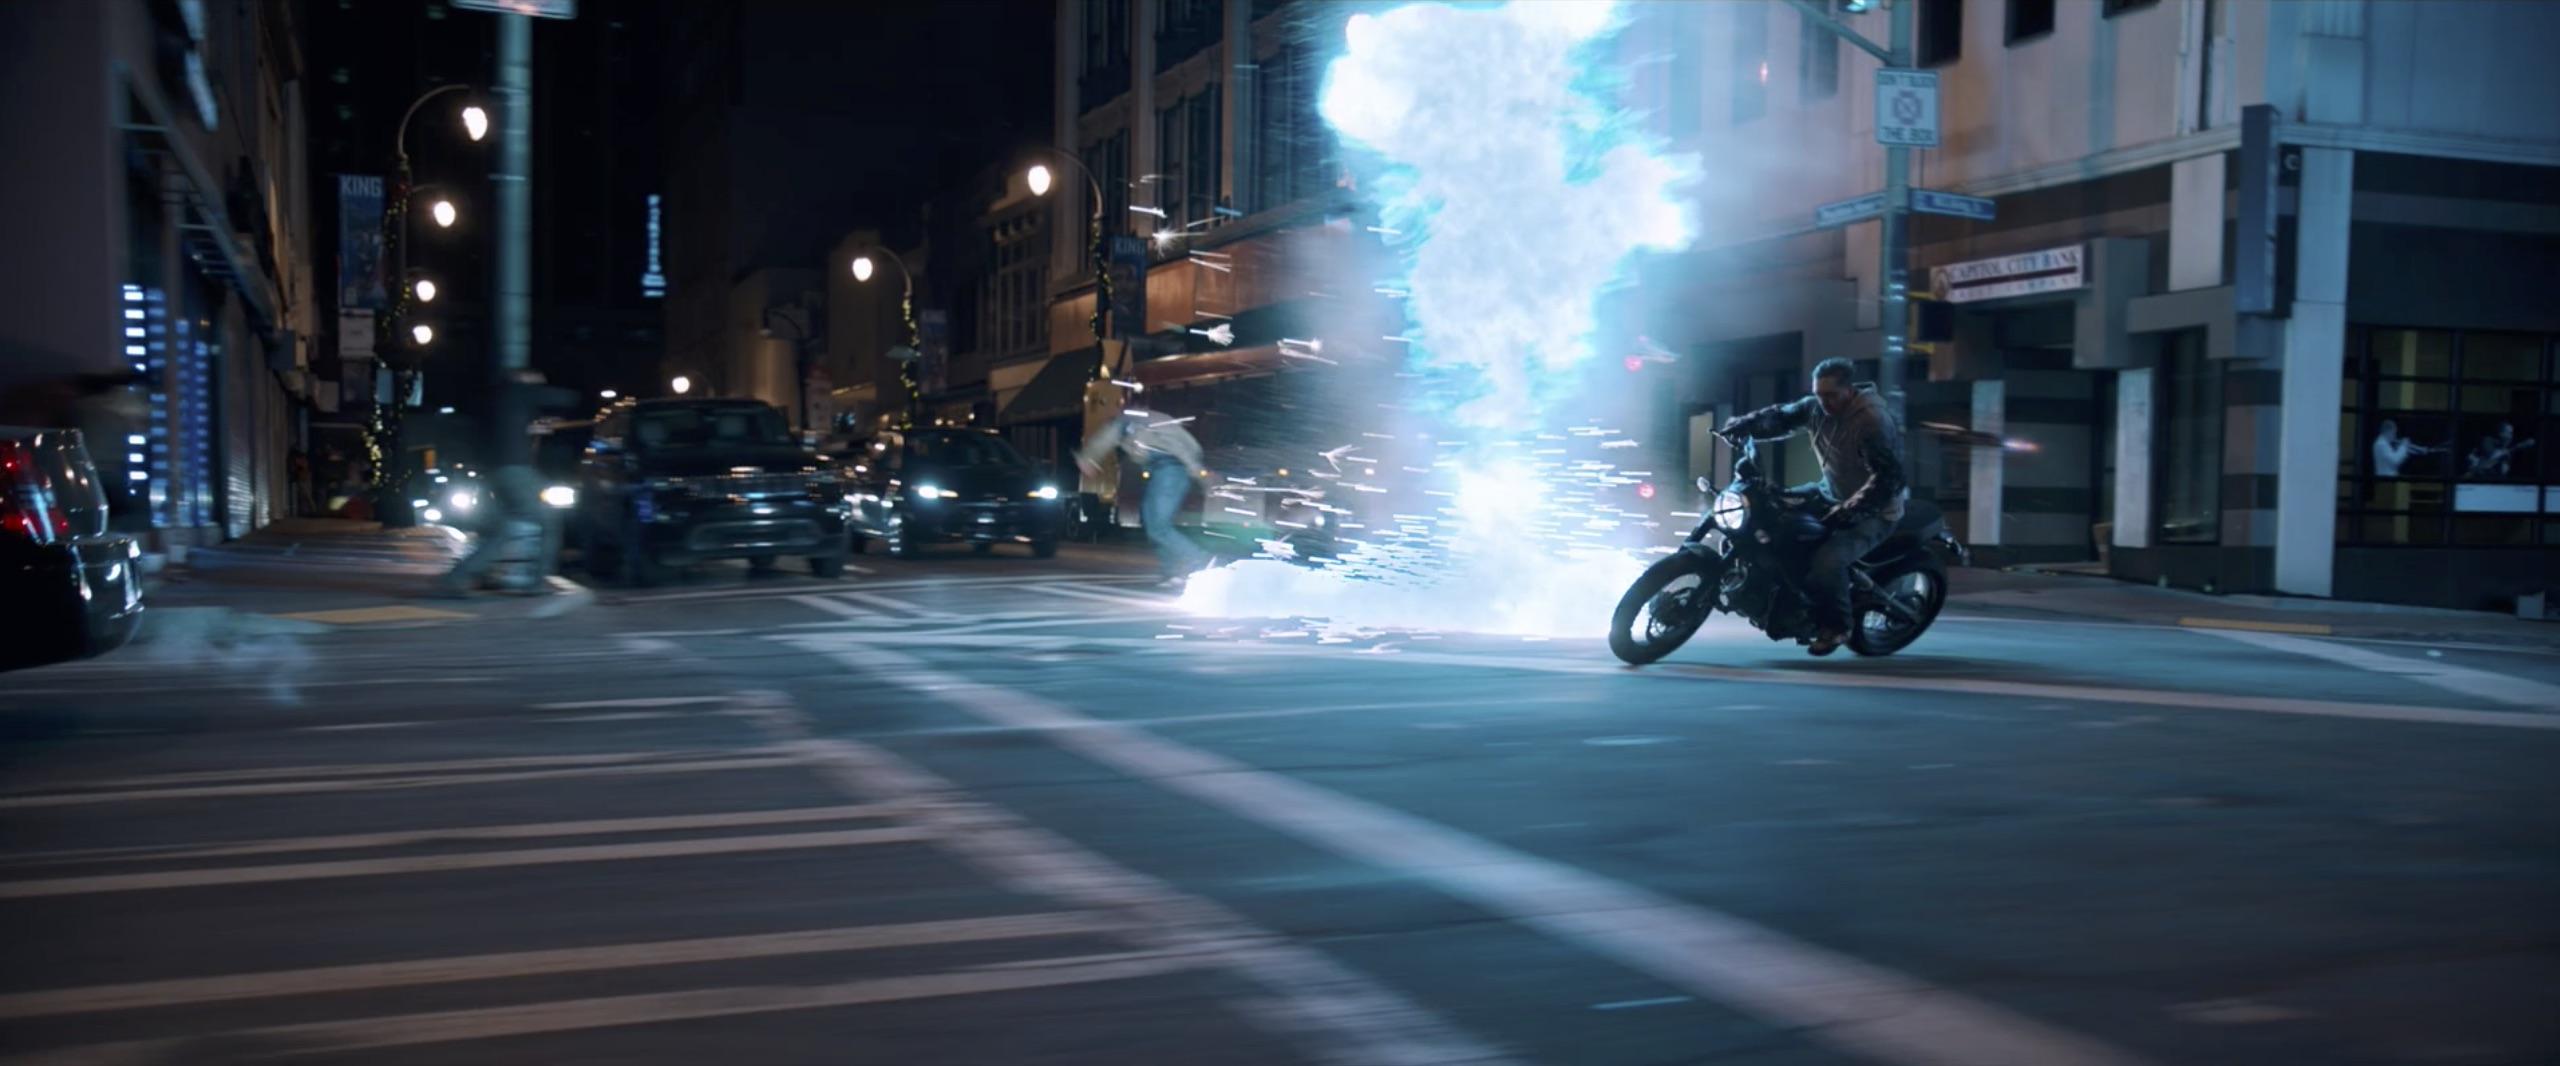 venom eddy brock motorcycle low rear